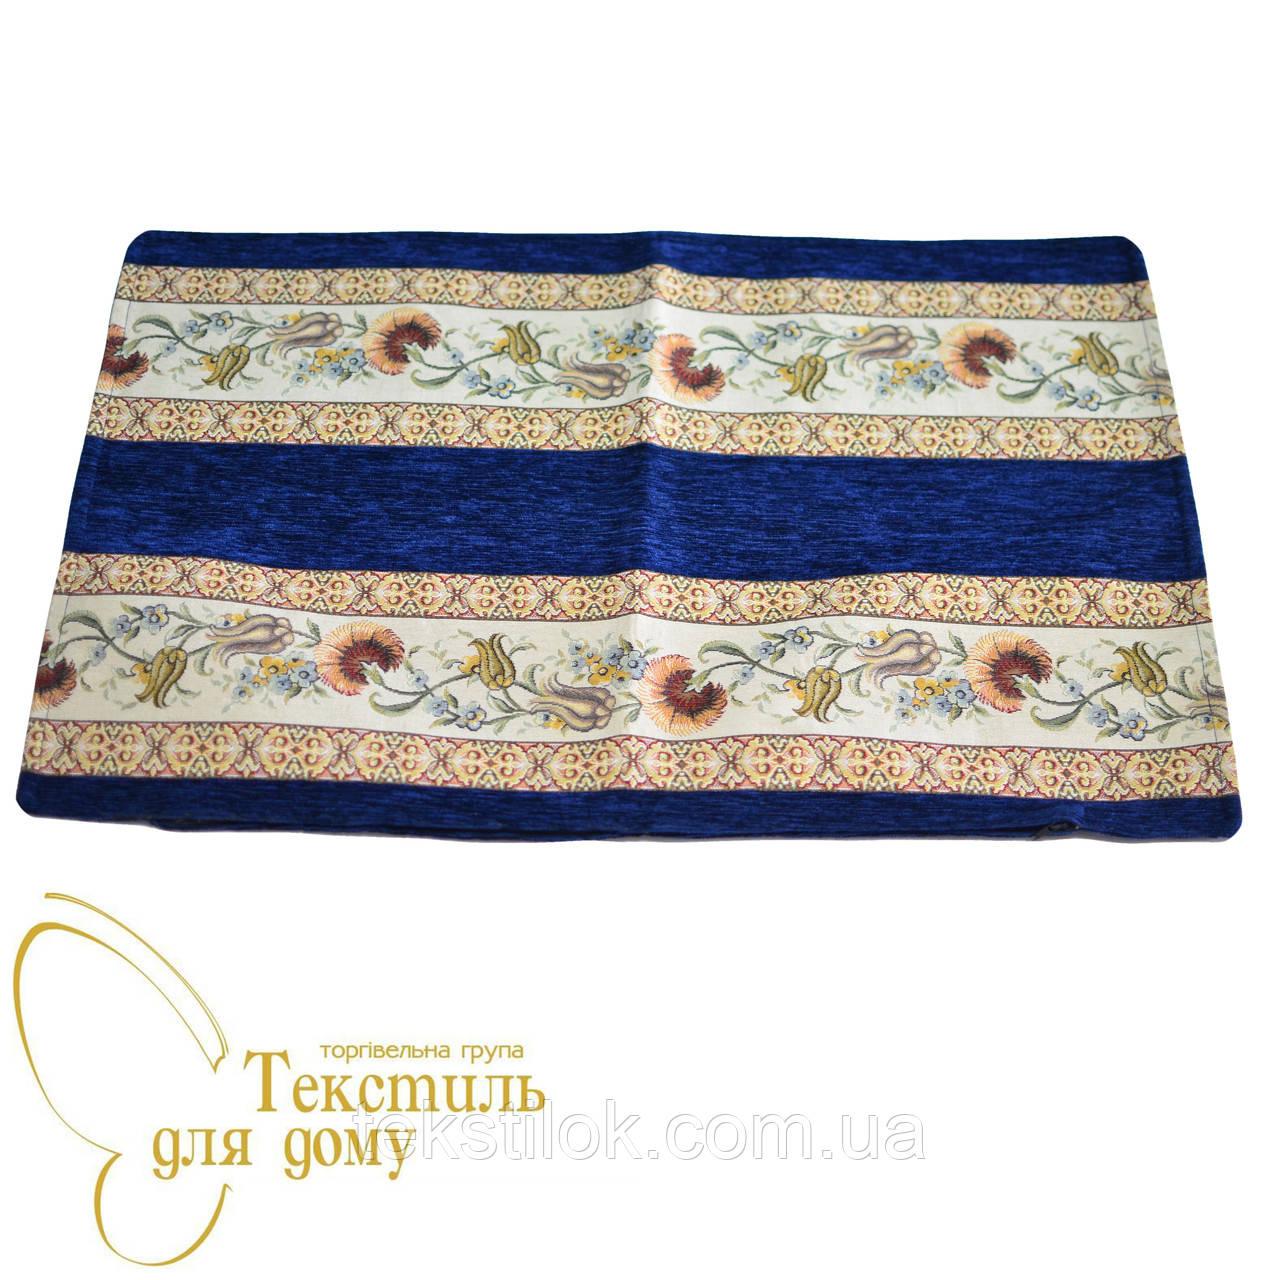 Наволочка декоративная гобеленовая в полоску ANTIK SIKA GULLU, синий